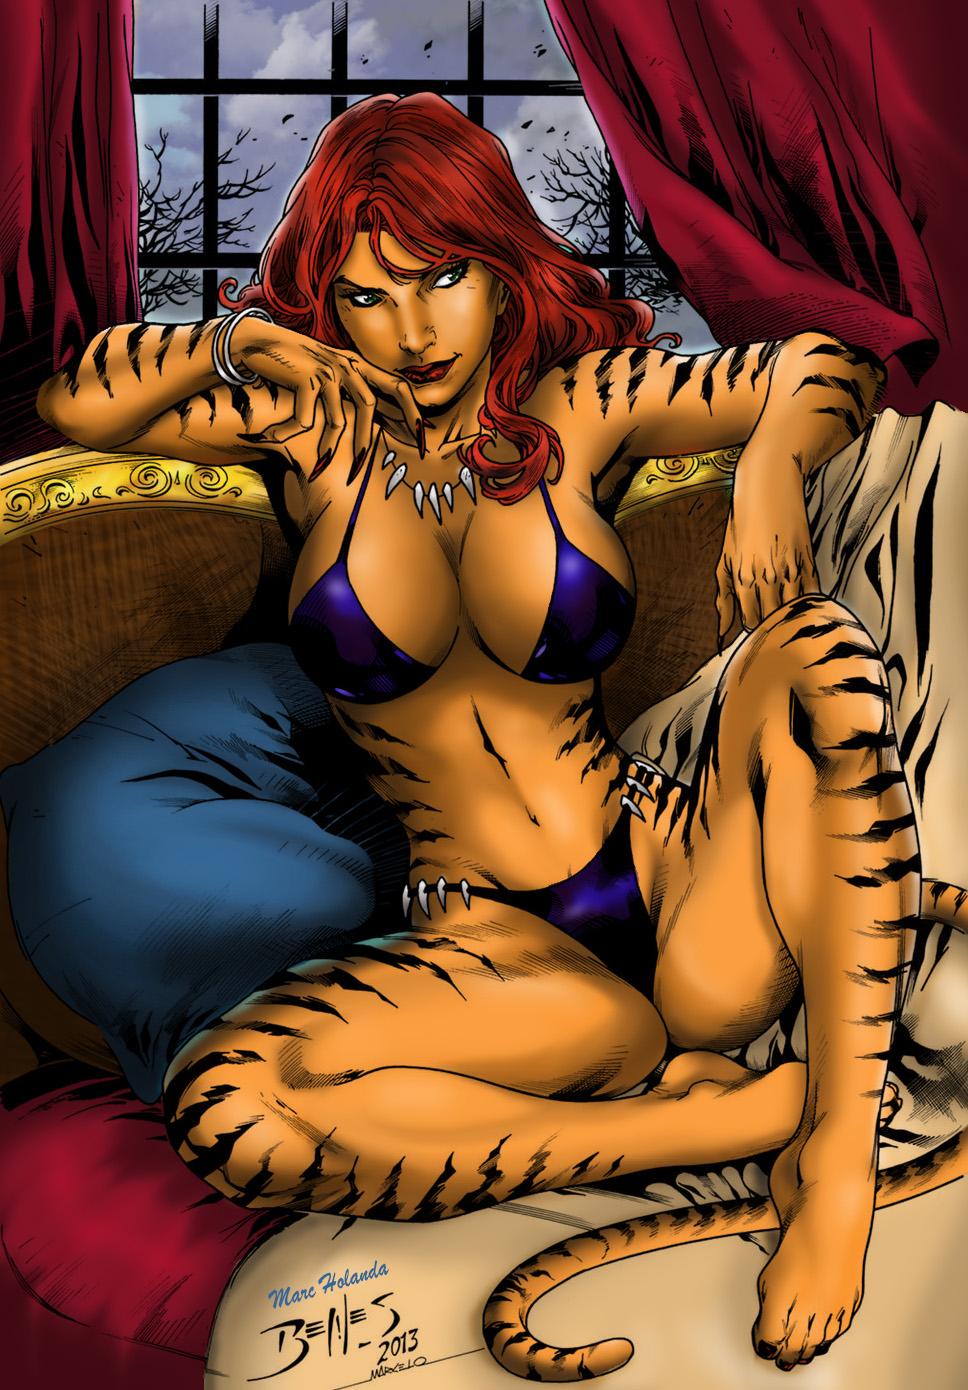 Смотреть порно тигр бесплатно без регистрации 21 фотография